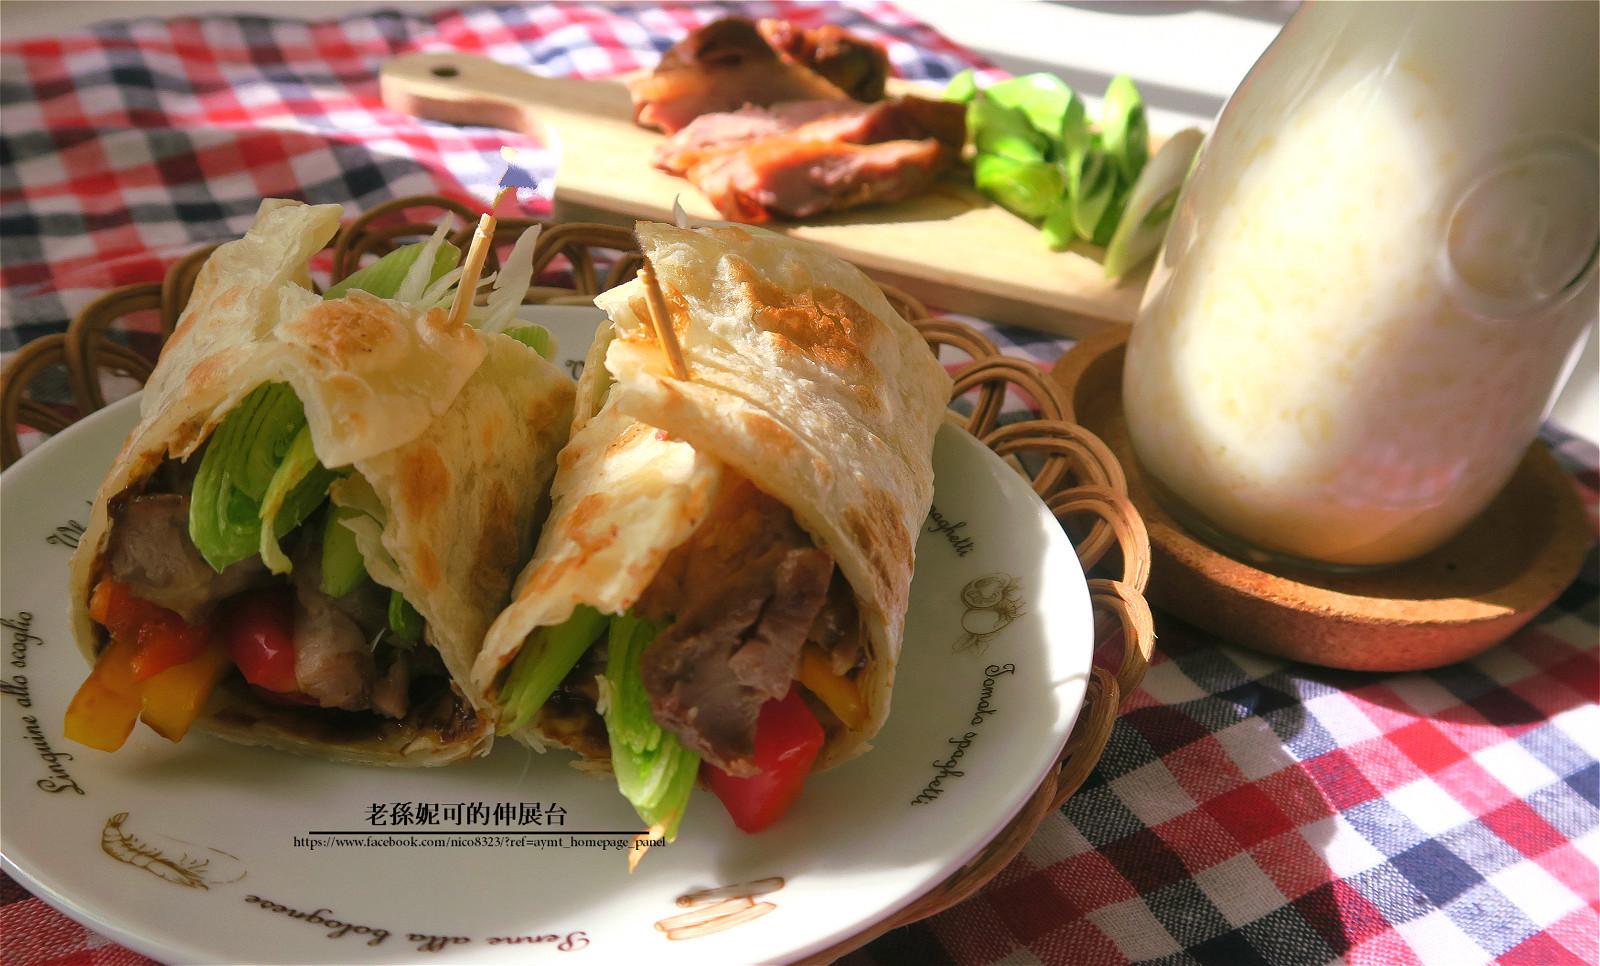 鴨賞捲餅+綠豆沙牛乳